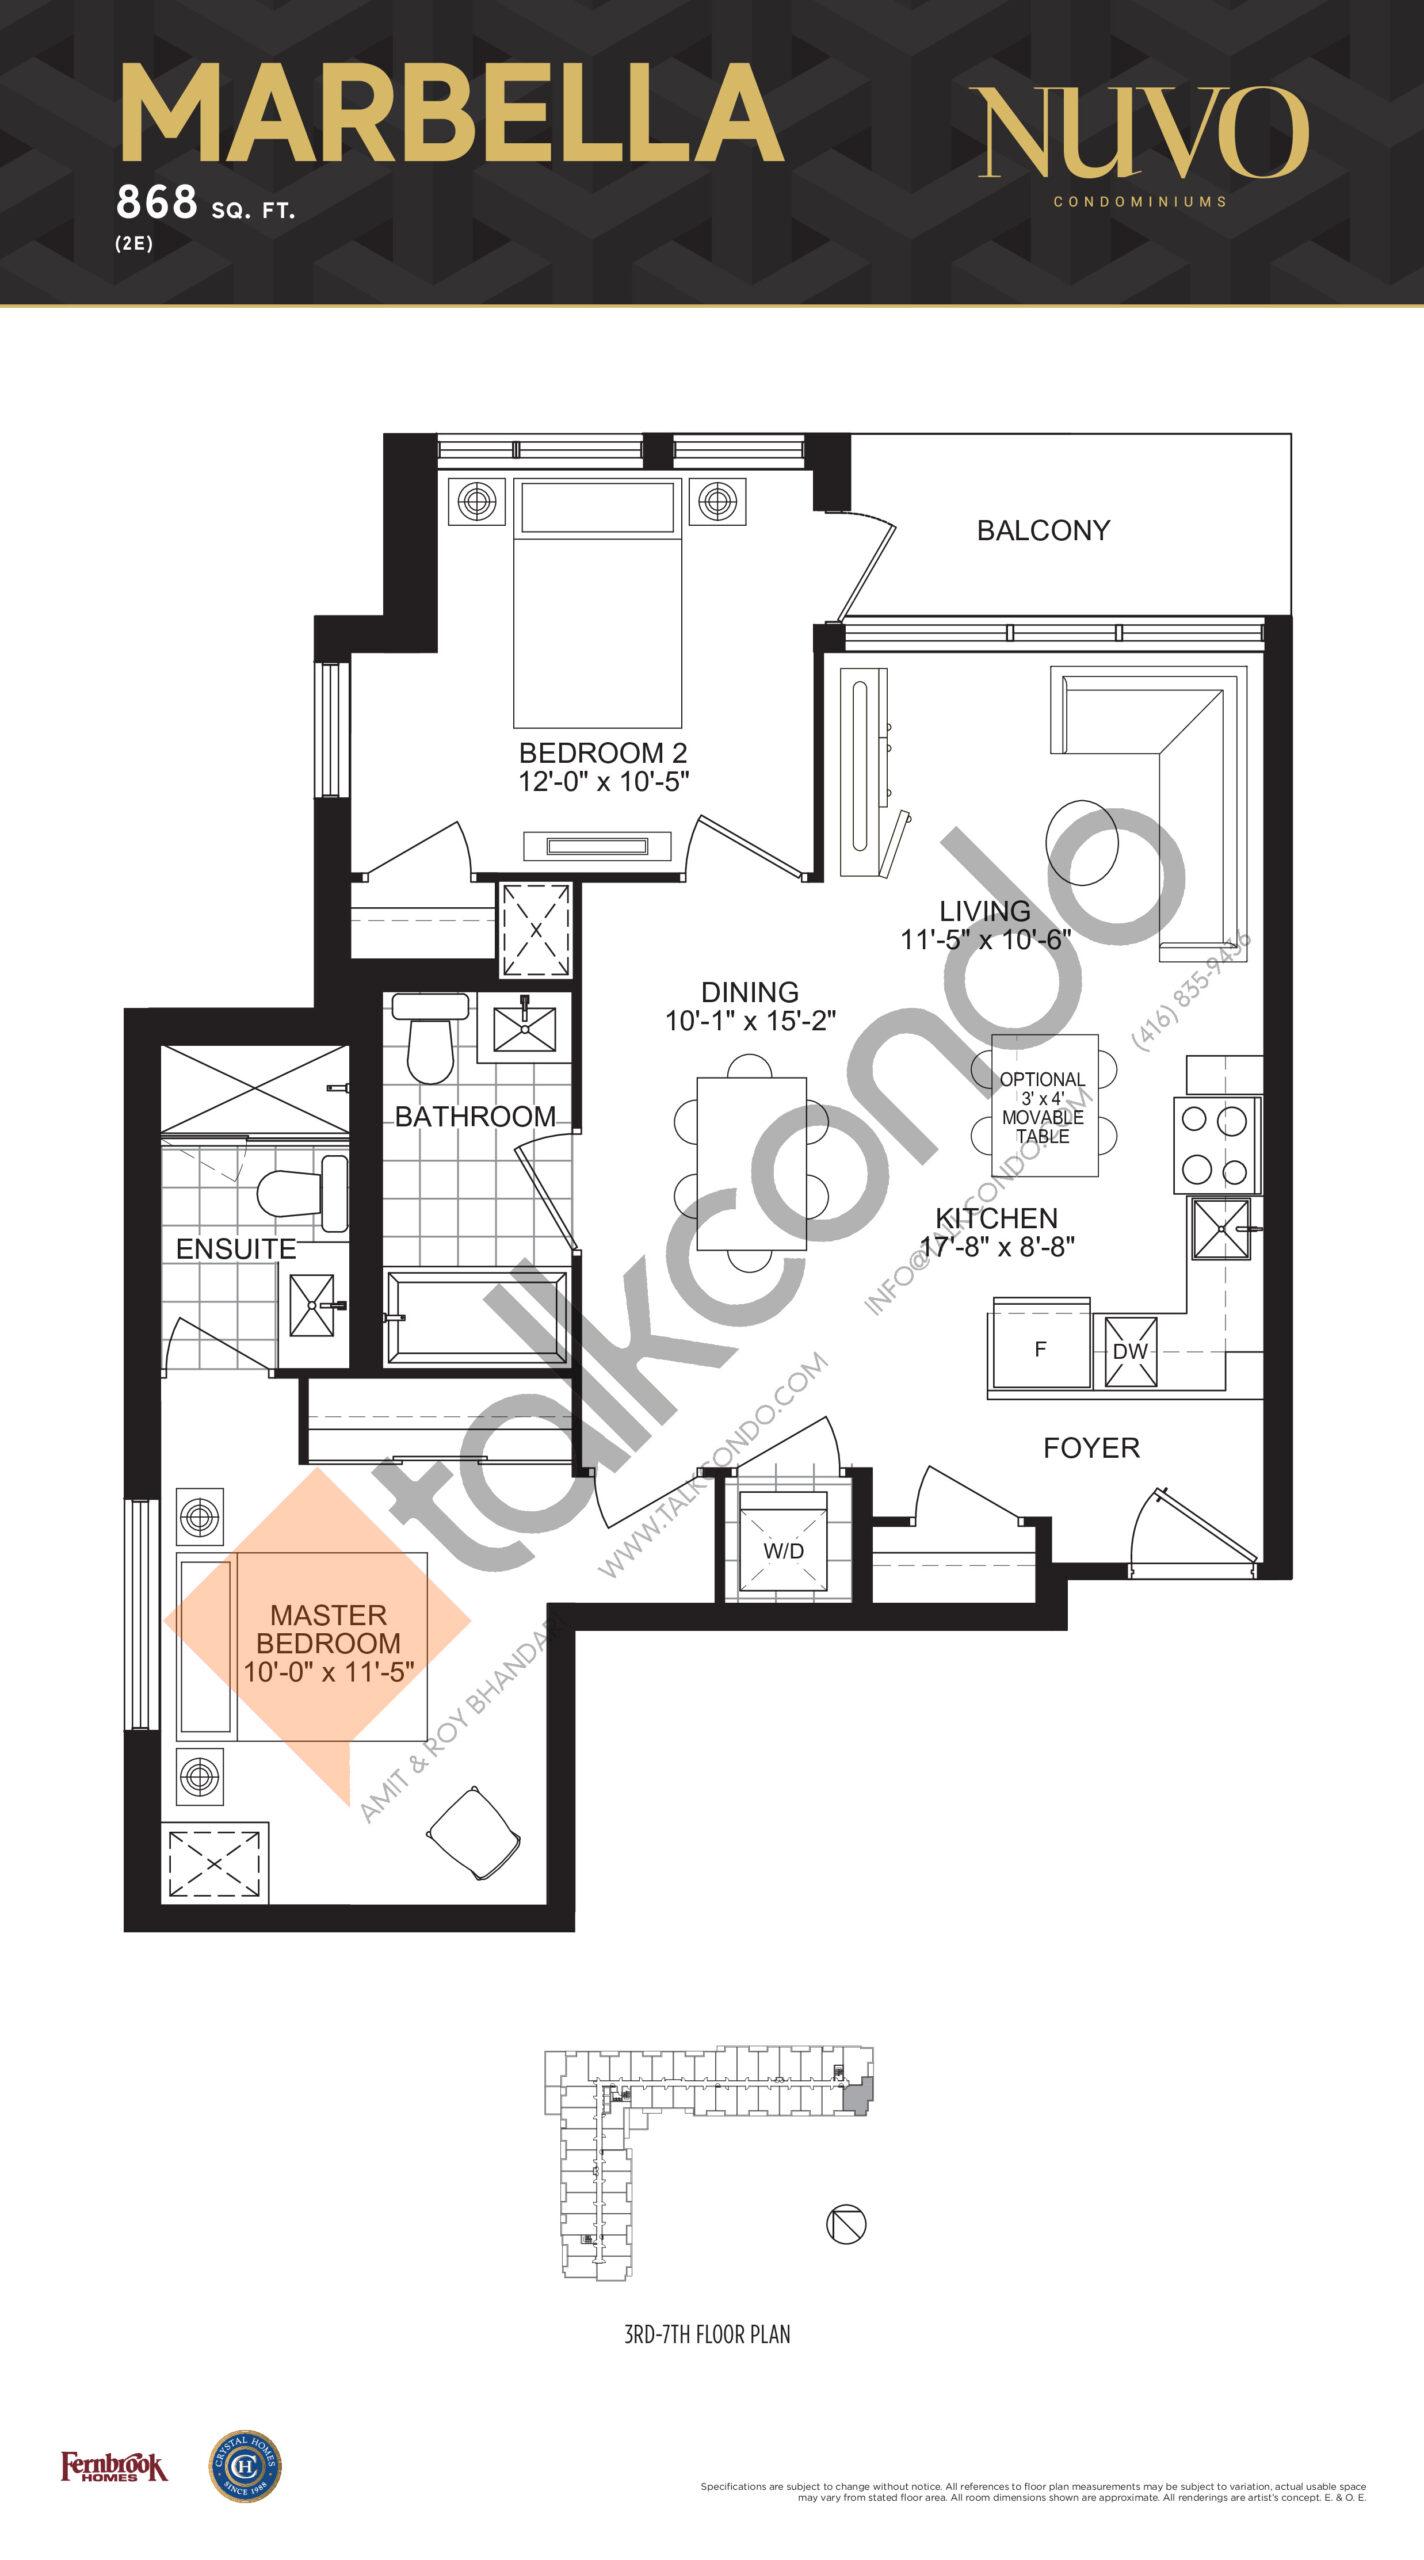 Marbella Floor Plan at Nuvo Condos - 868 sq.ft